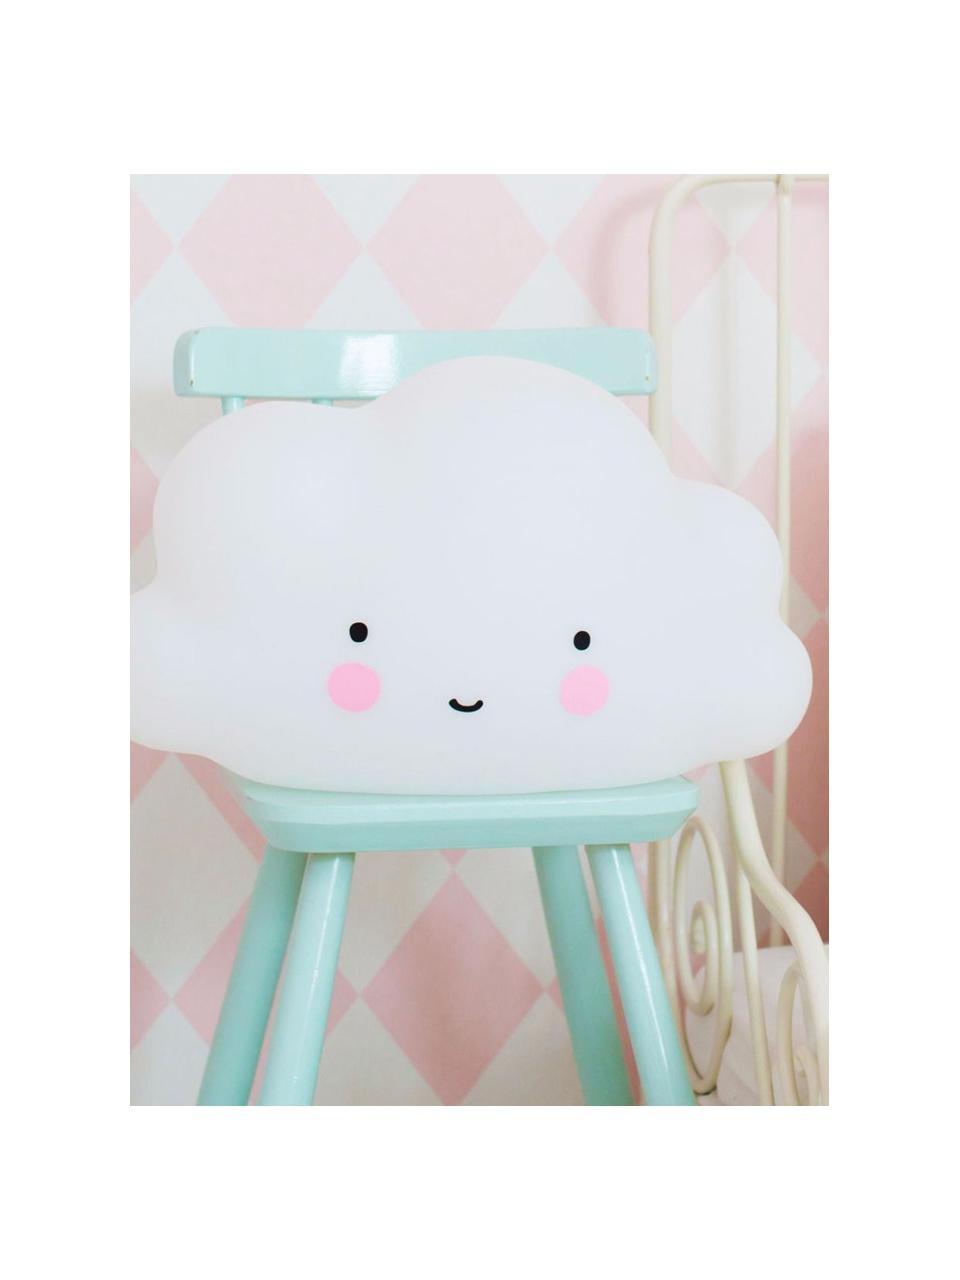 Lampa dekoracyjna LED Cloud, Tworzywo sztuczne, Biały, różowy, czarny, S 45 x W 25 cm